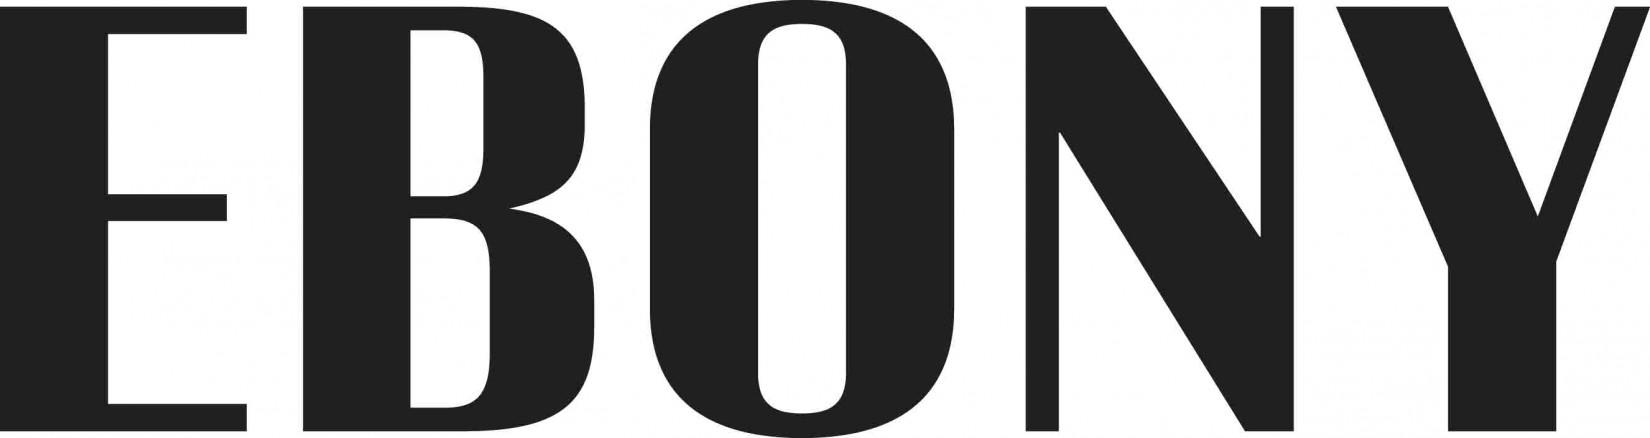 黒檀の雑誌のロゴ